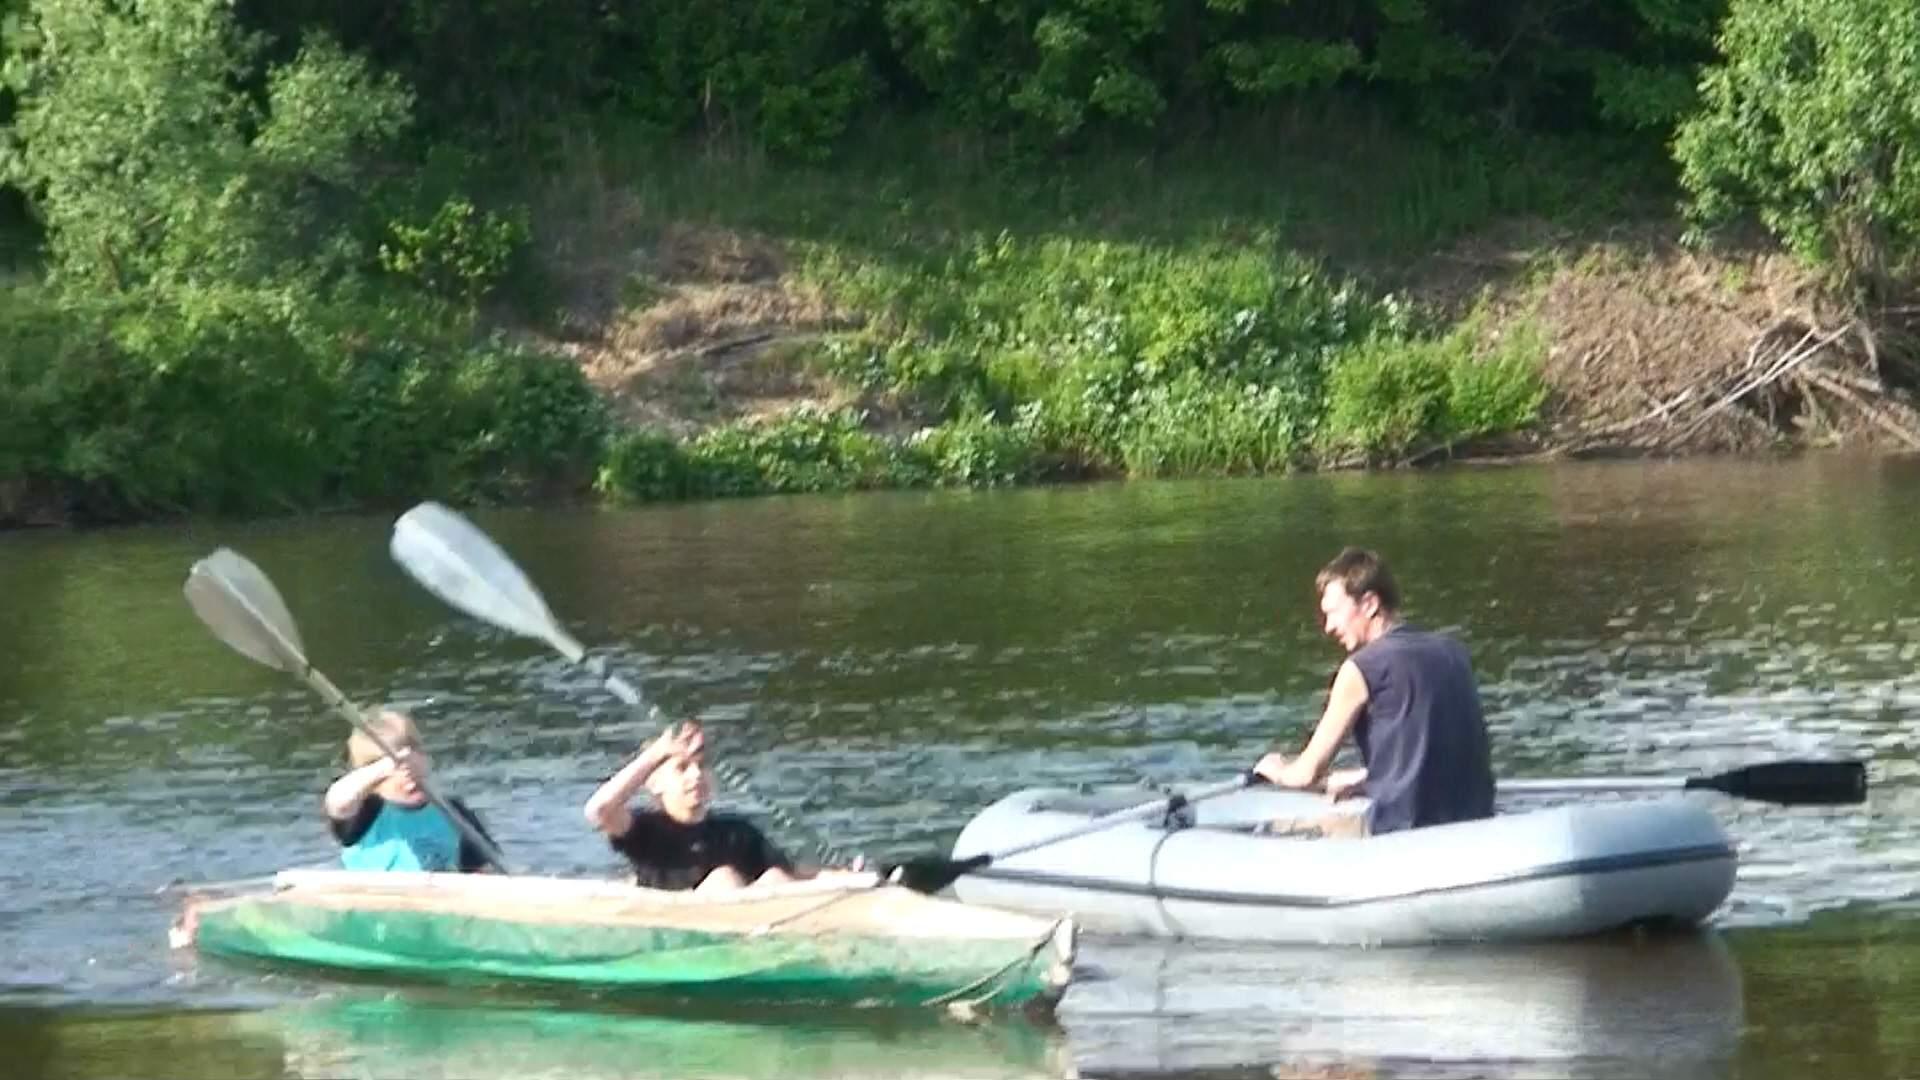 Что должно быть в лодке при нахождение на водоеме